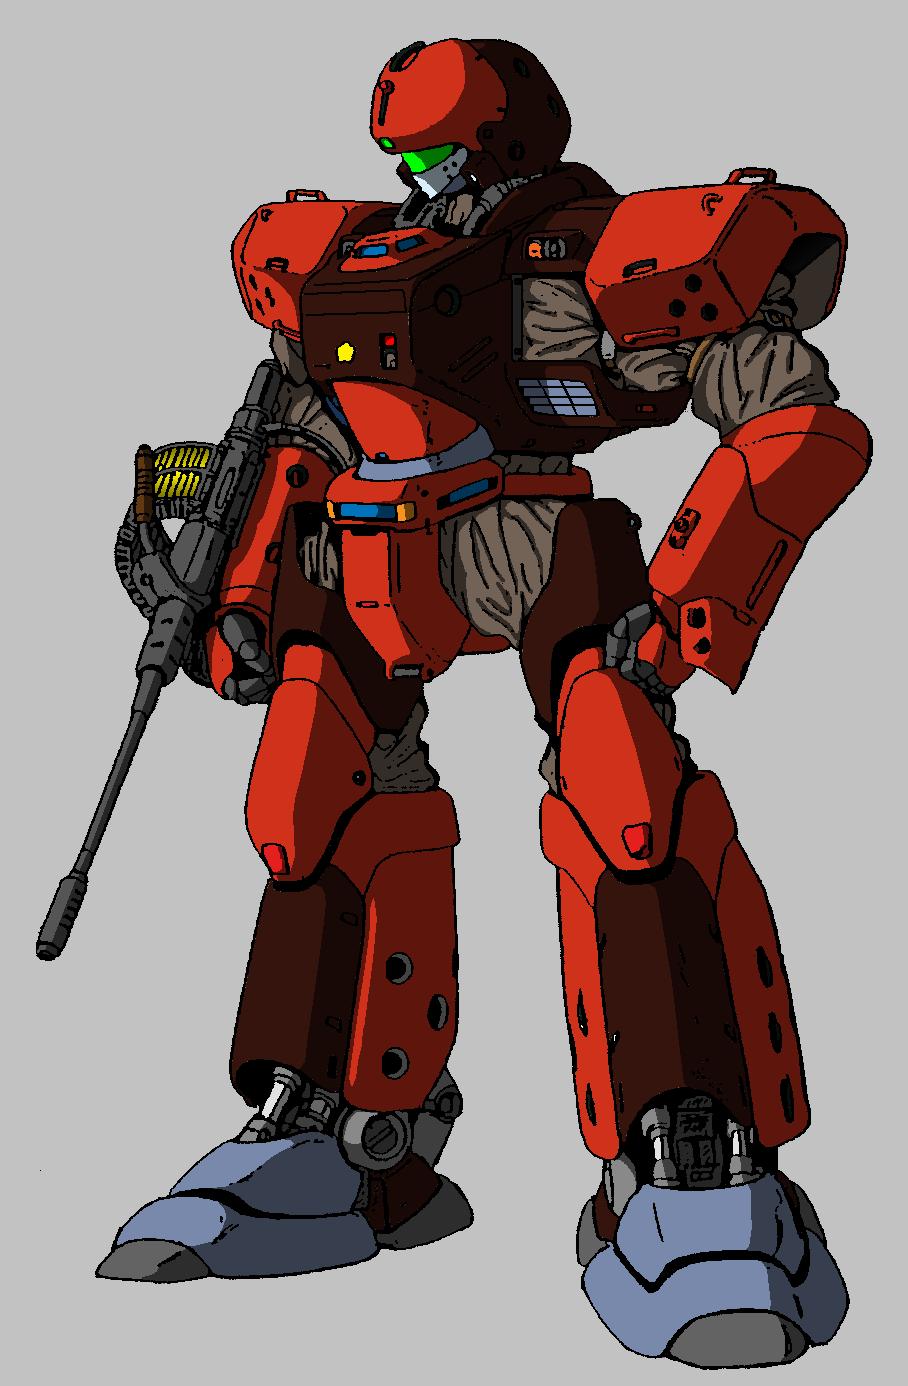 Patlabor Gundam crossover 4 by ltla9000311